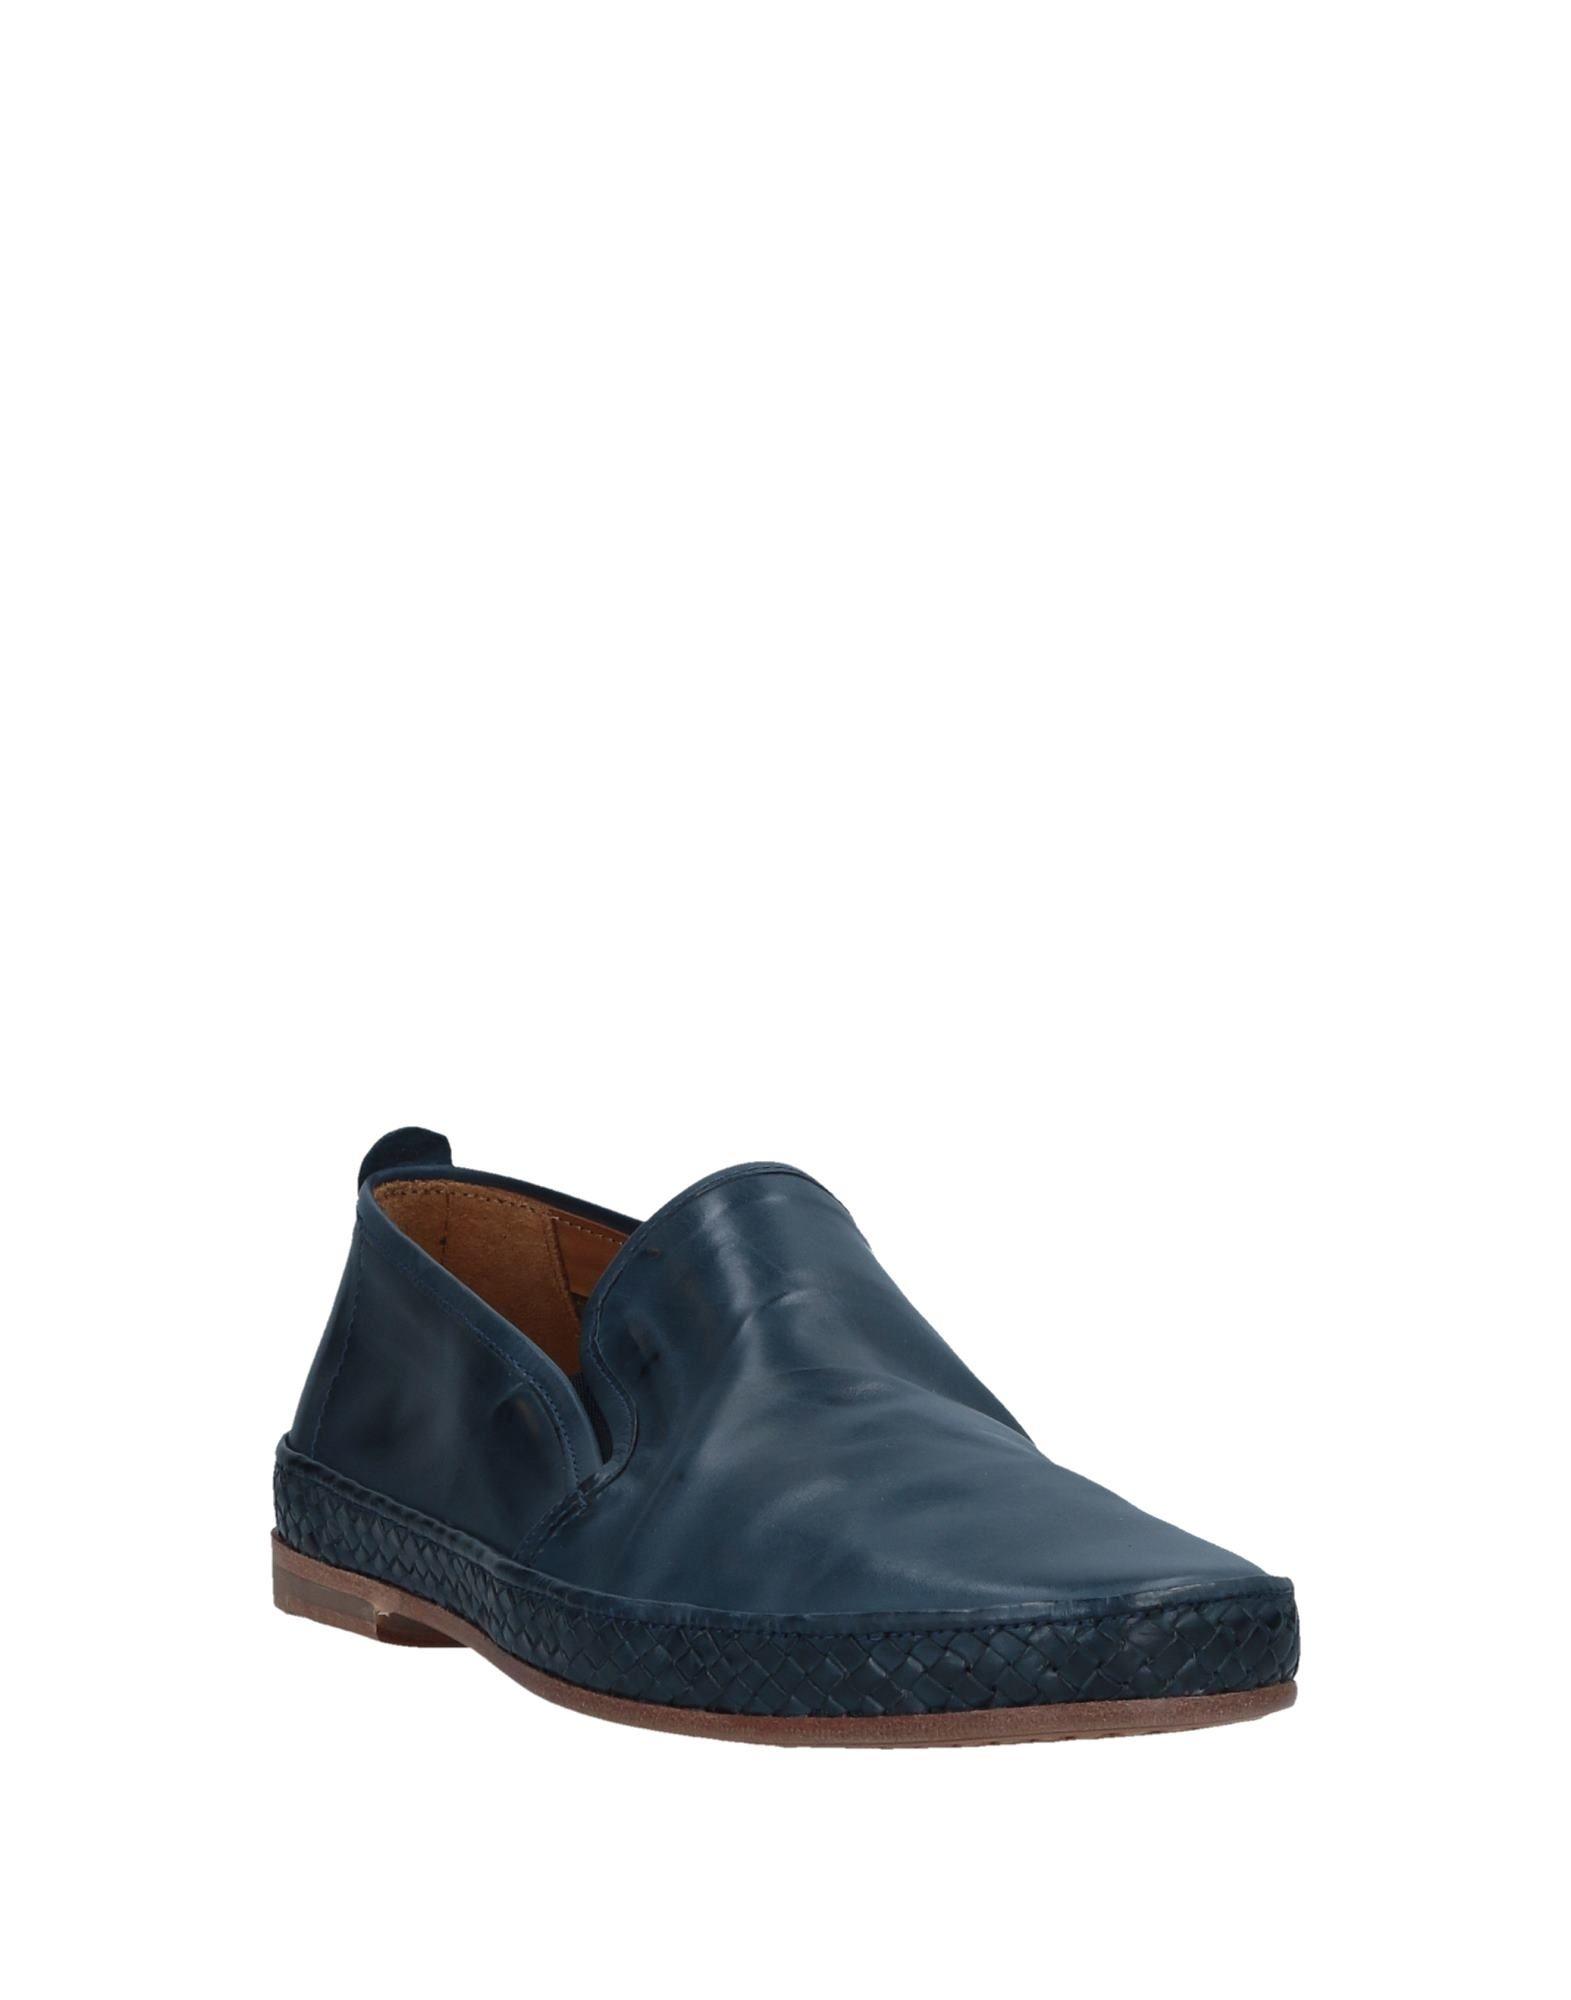 N.D.C. Made By 11517400IH Hand Mokassins Herren  11517400IH By Gute Qualität beliebte Schuhe 2909c5